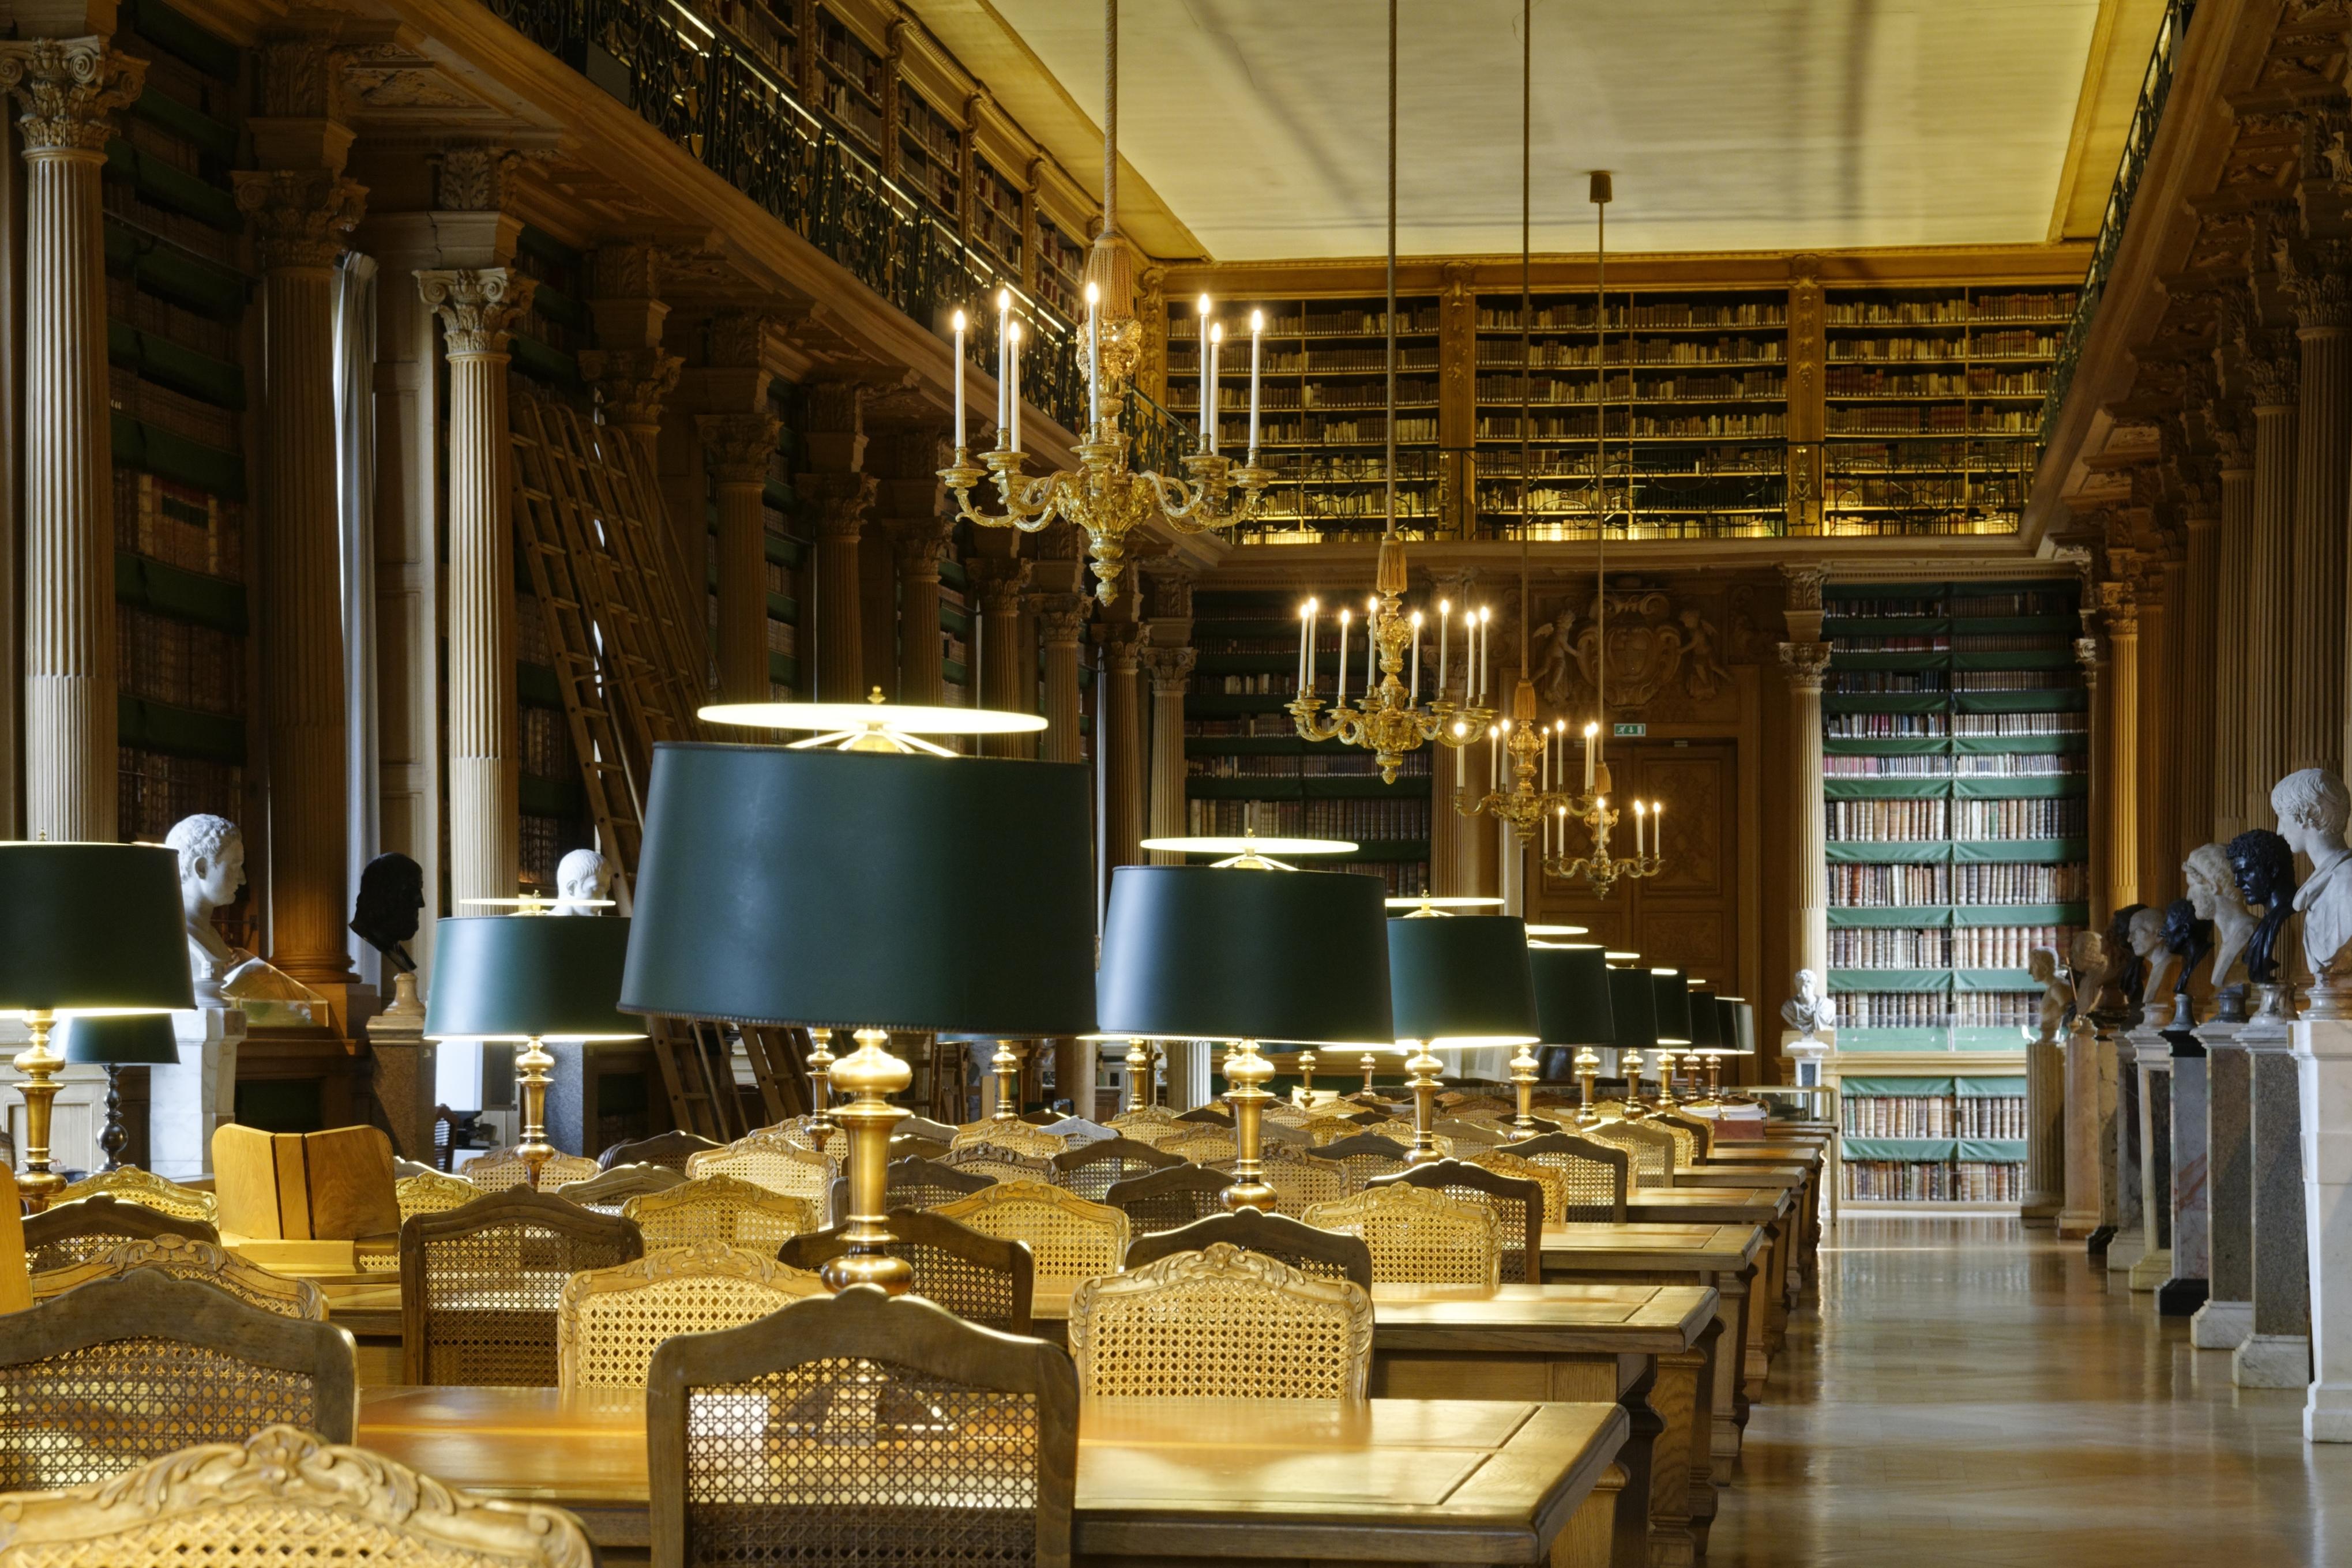 file salle de lecture de la bibliotheque mazarine n5 jpg wikimedia commons